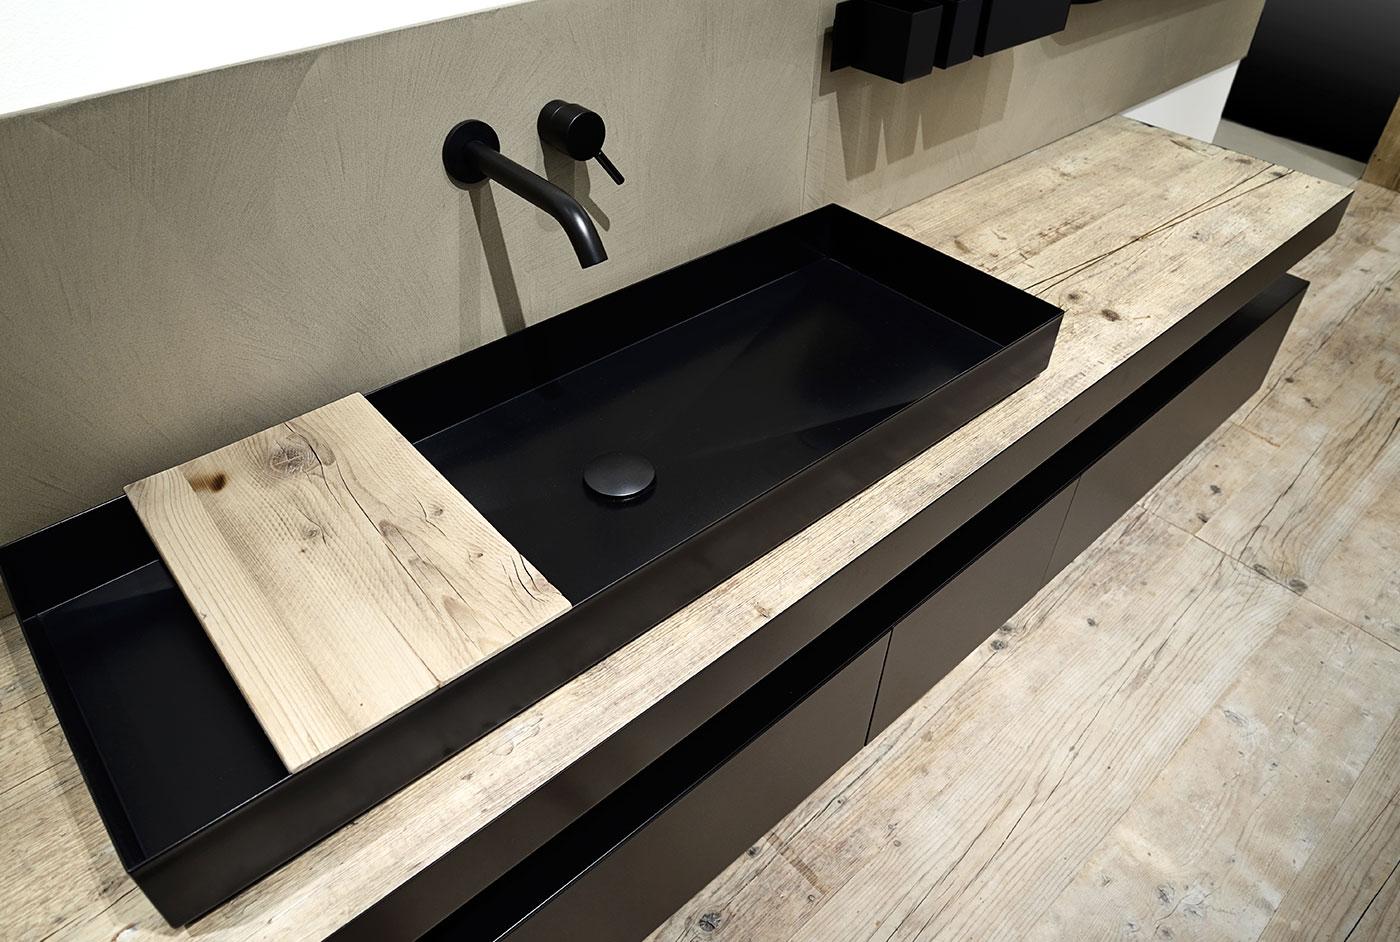 Salle de bain design mulhouse haut rhin bath room for Moab salle de bain